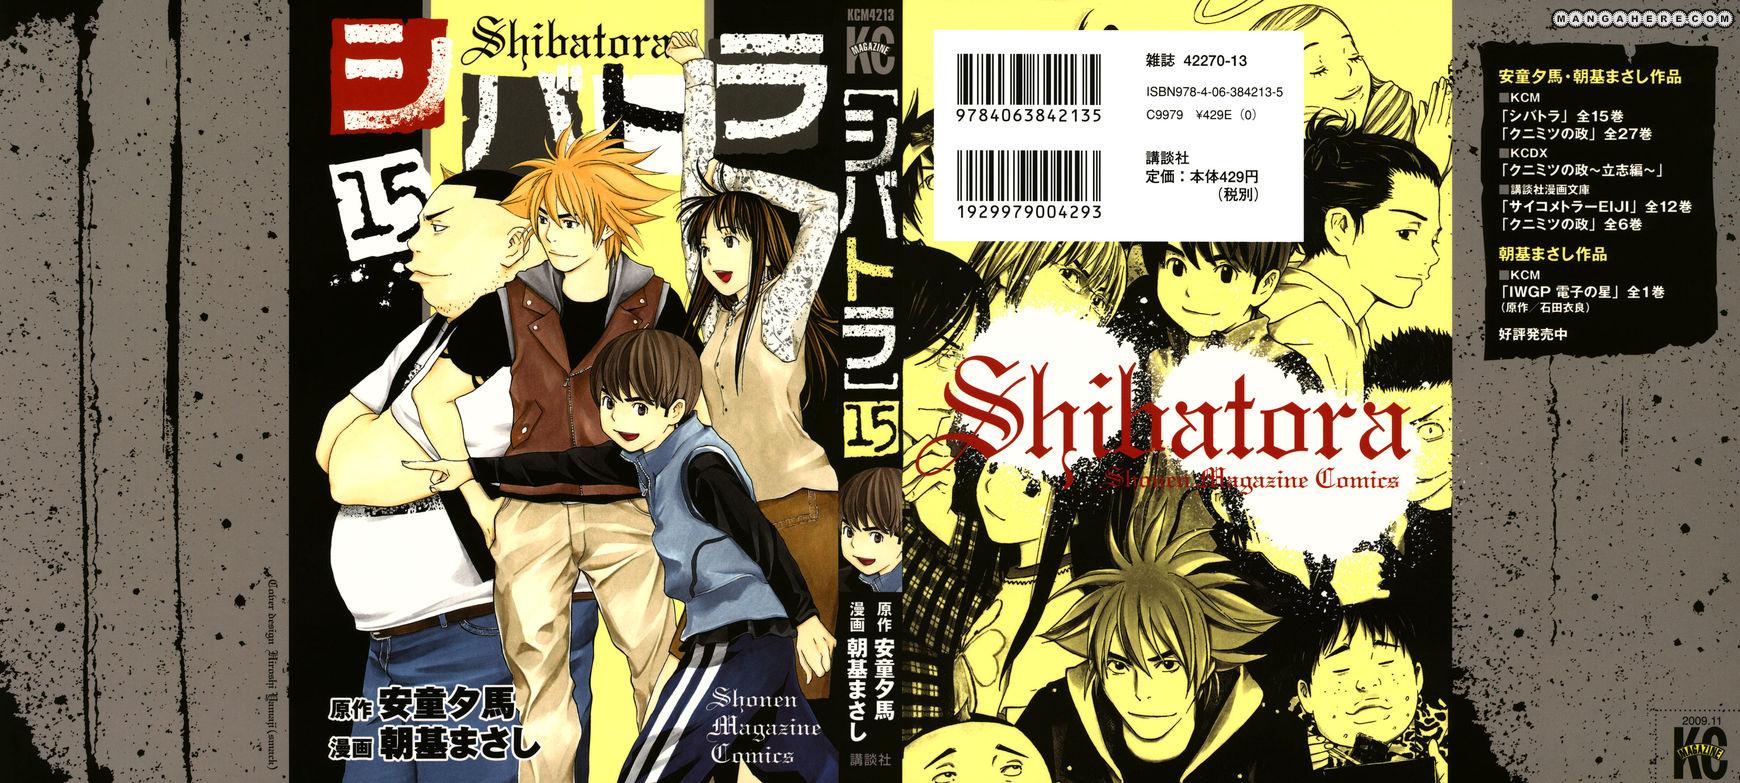 Shibatora 122 Page 1